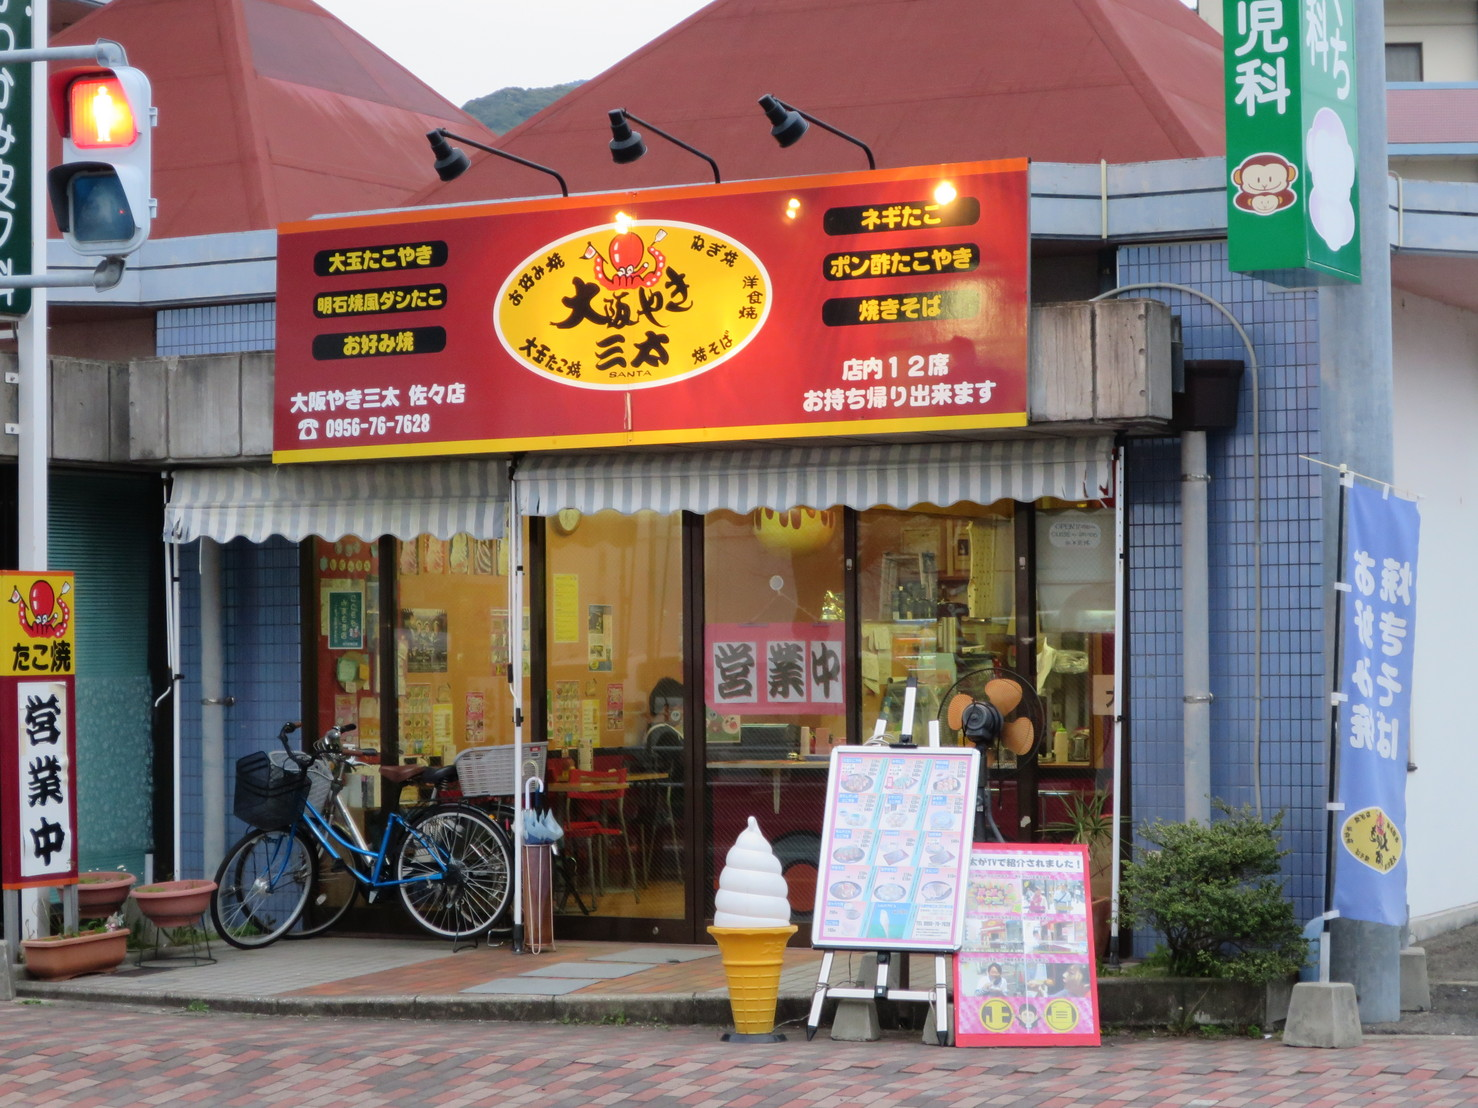 大阪やき三太 佐々店